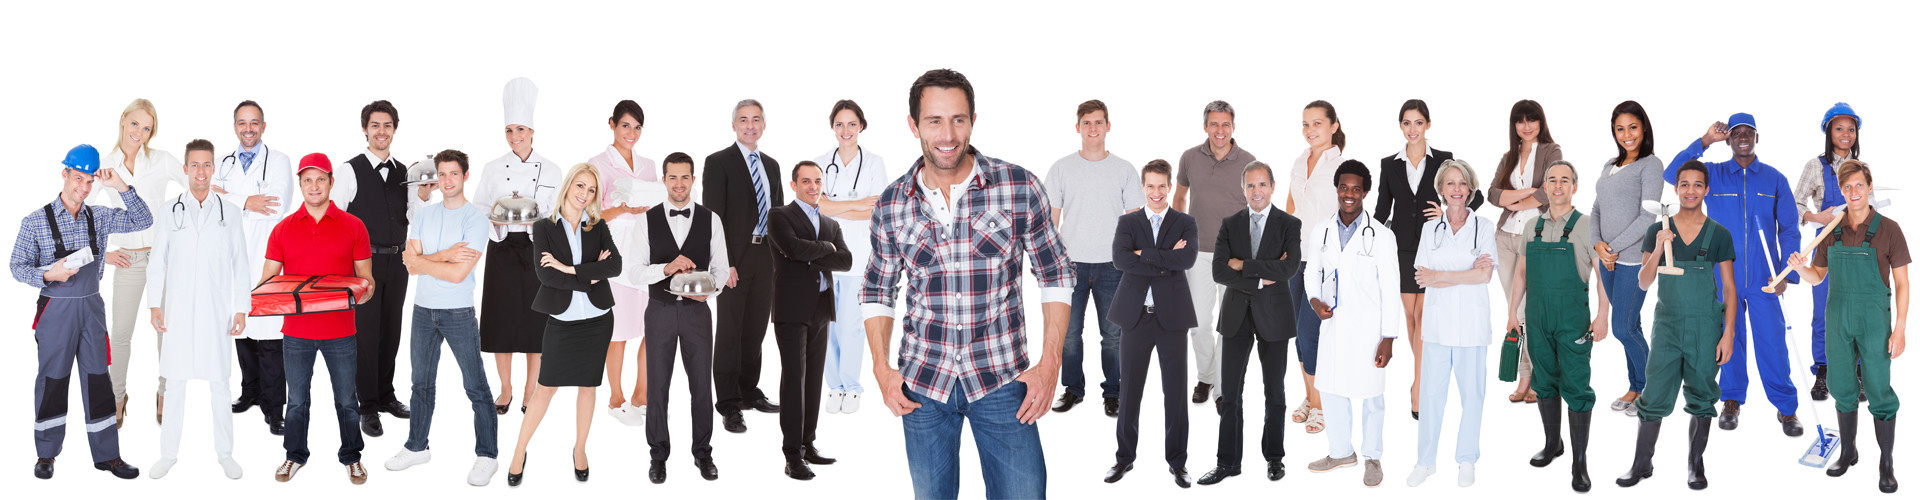 Menschen in unterschiedlichster Berufsbekleidung stehen in einer Reihe zusammen. © Andrey Popov, stock.adobe.com